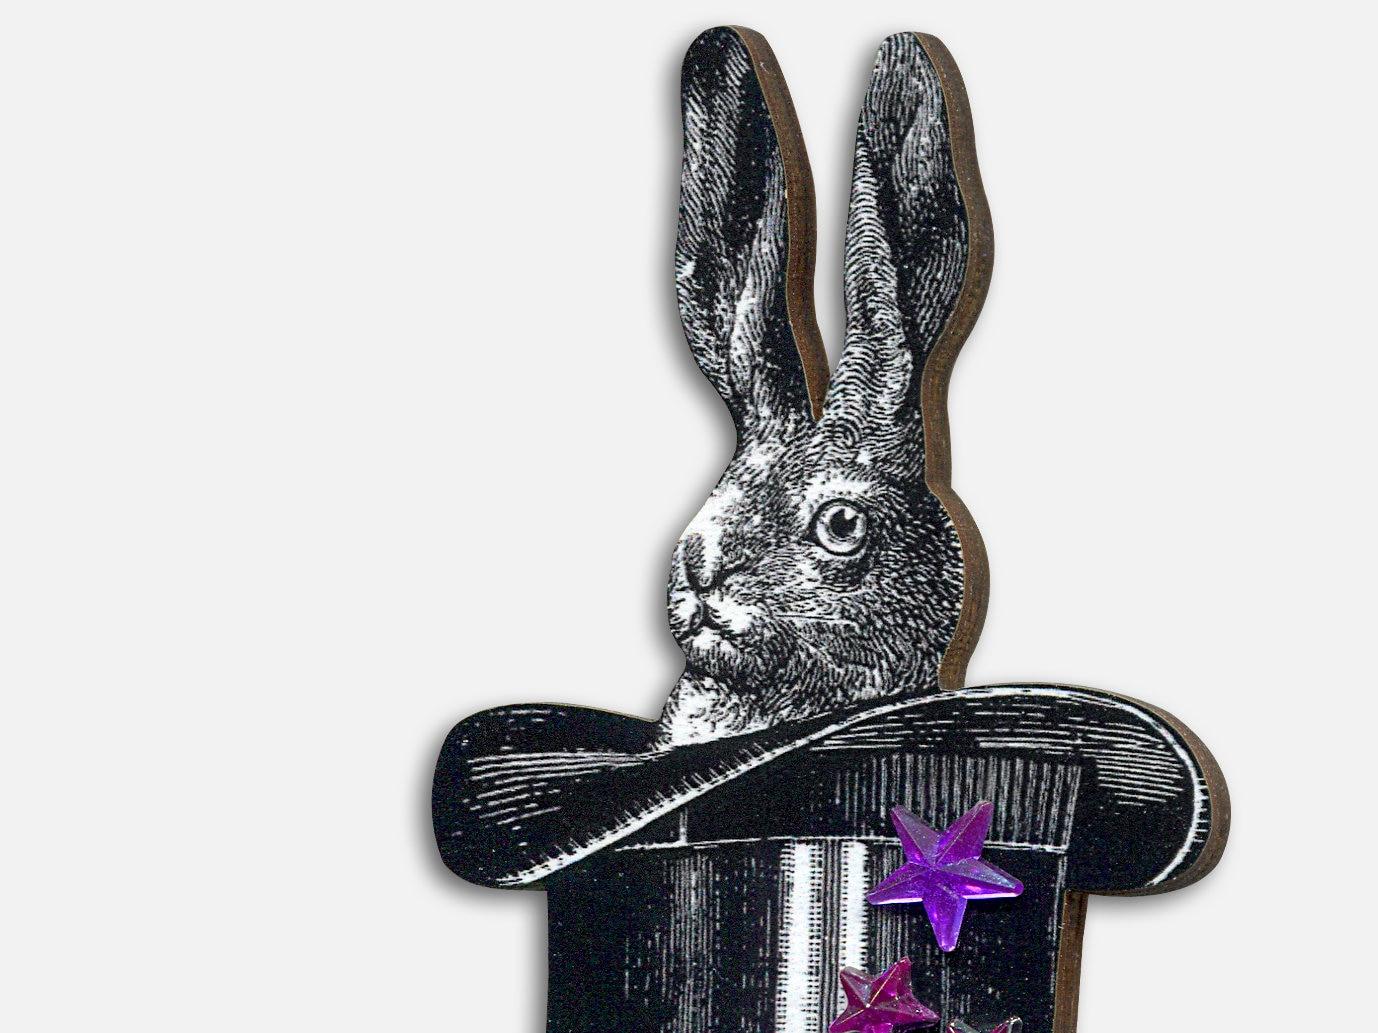 HOKUSPOKUS Brosche Anstecker Pin Hase Kaninchen Hut Magie   Etsy